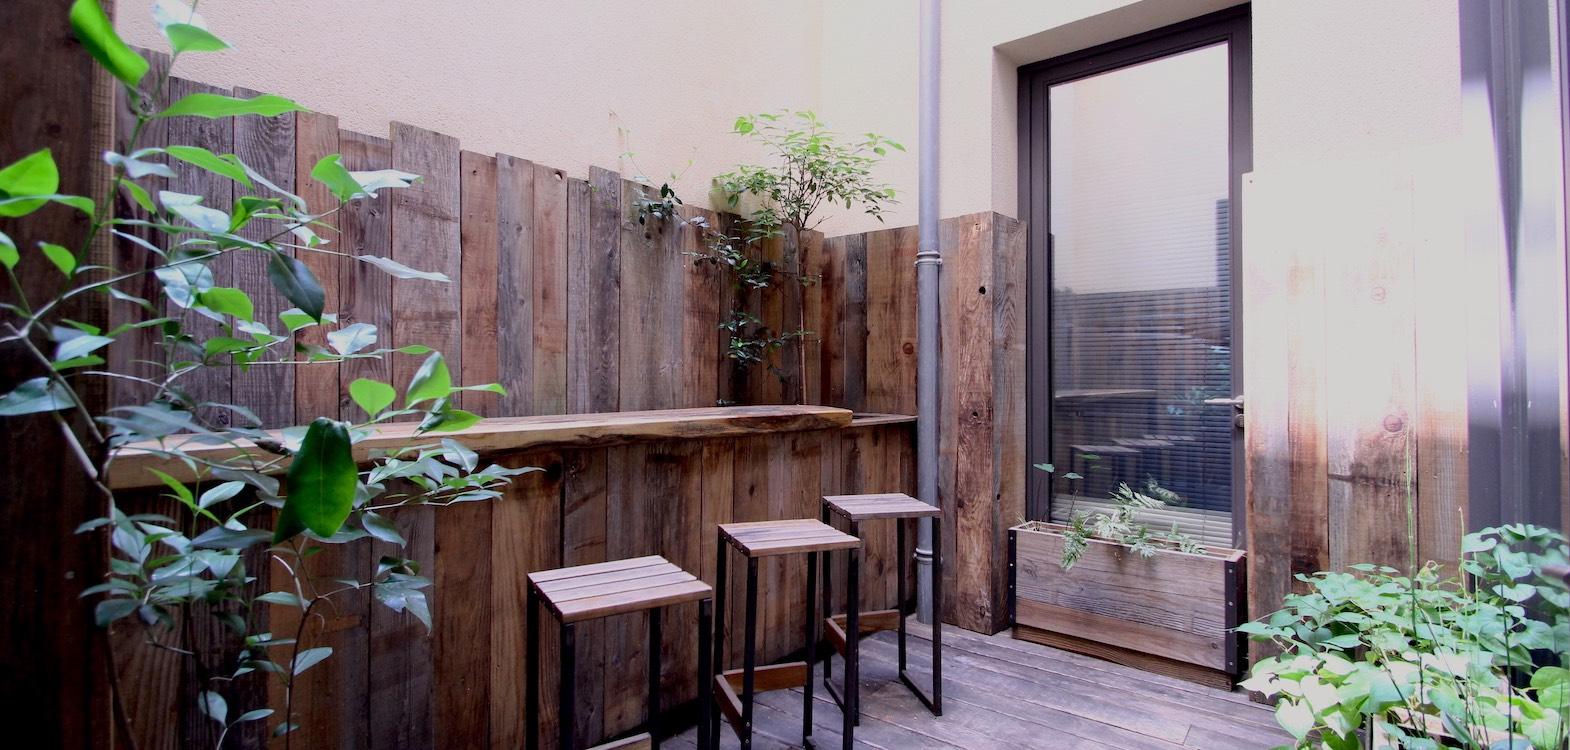 Hotel-design-bordeaux-centre-7_1570X750